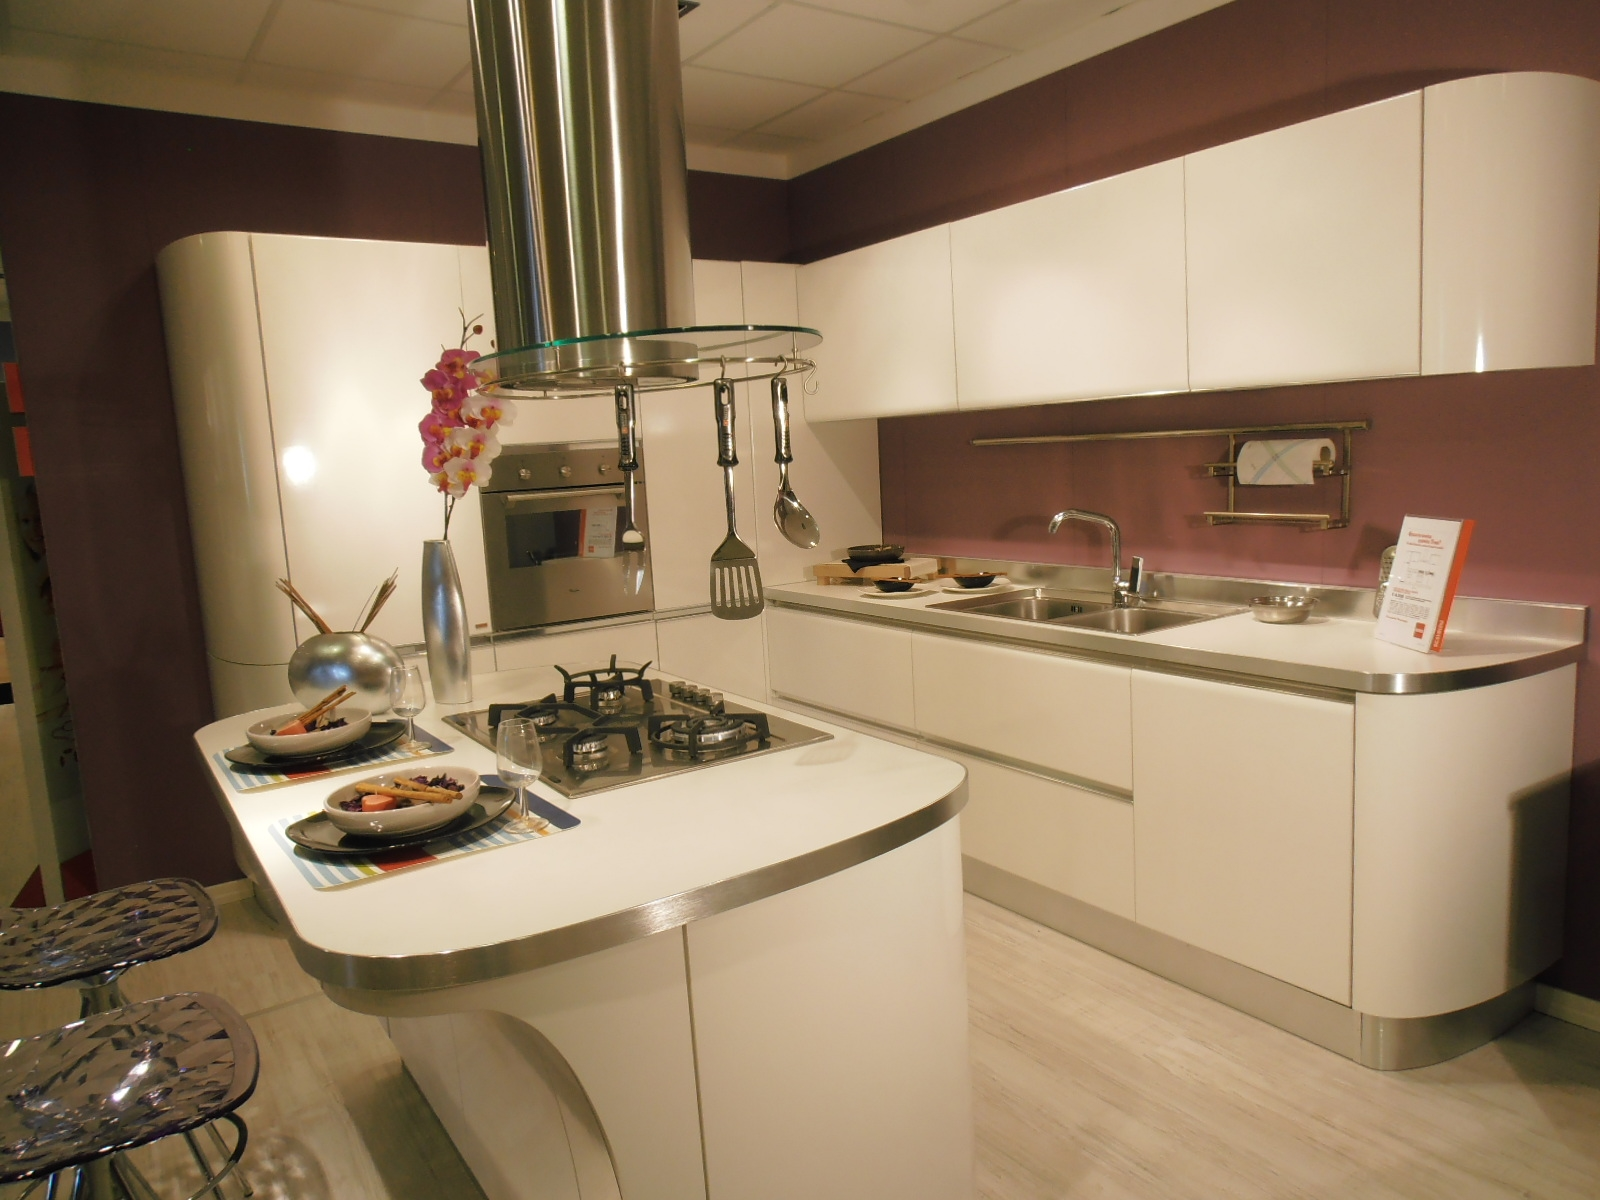 Cucina scavolini tess moderna cucine a prezzi scontati - Scavolini cucina bianca ...